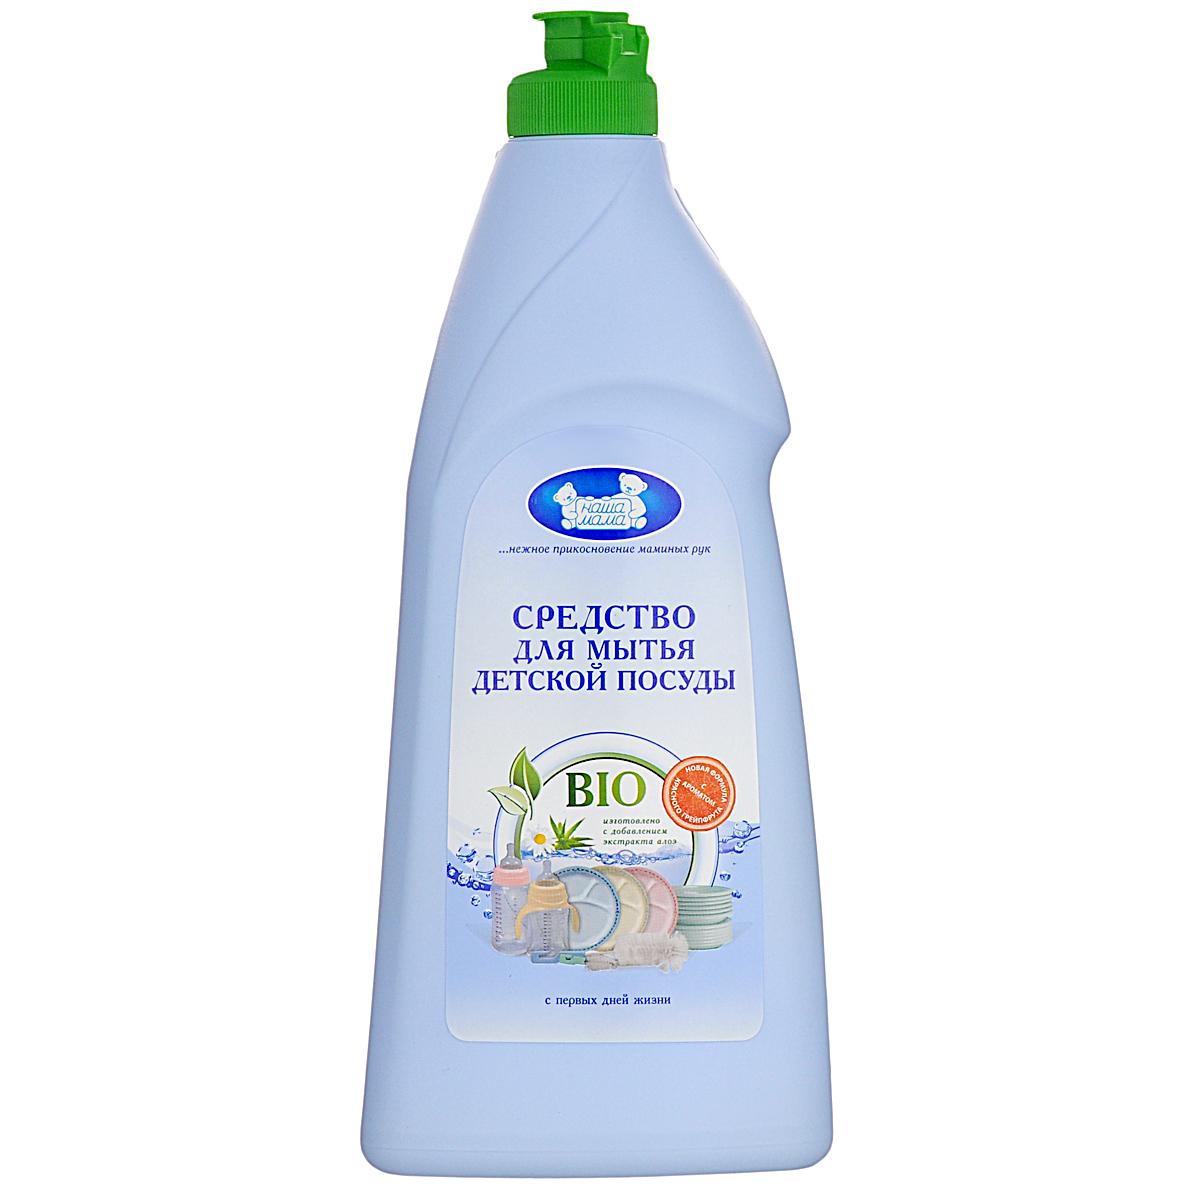 Наша мама Средство для мытья детской посуды, универсальное, с экстрактом алоэ, 500 мл03.09.01.30550Универсальное средство для мытья детской посуды Наша мама эффективно удаляет остатки характерных молочных, кисломолочных и других продуктов даже в холодной воде. Специально разработанная формула с биологически активными натуральными компонентами, гарантирует максимальную безопасность при мытье детской посуды. Входящий в состав экстракт алоэ смягчает кожу рук. УВАЖАЕМЫЕ КЛИЕНТЫ! Обращаем ваше внимание на возможные изменения в дизайне упаковки. Качественные характеристики товара и его размеры остаются неизменными. Поставка осуществляется в зависимости от наличия на складе.